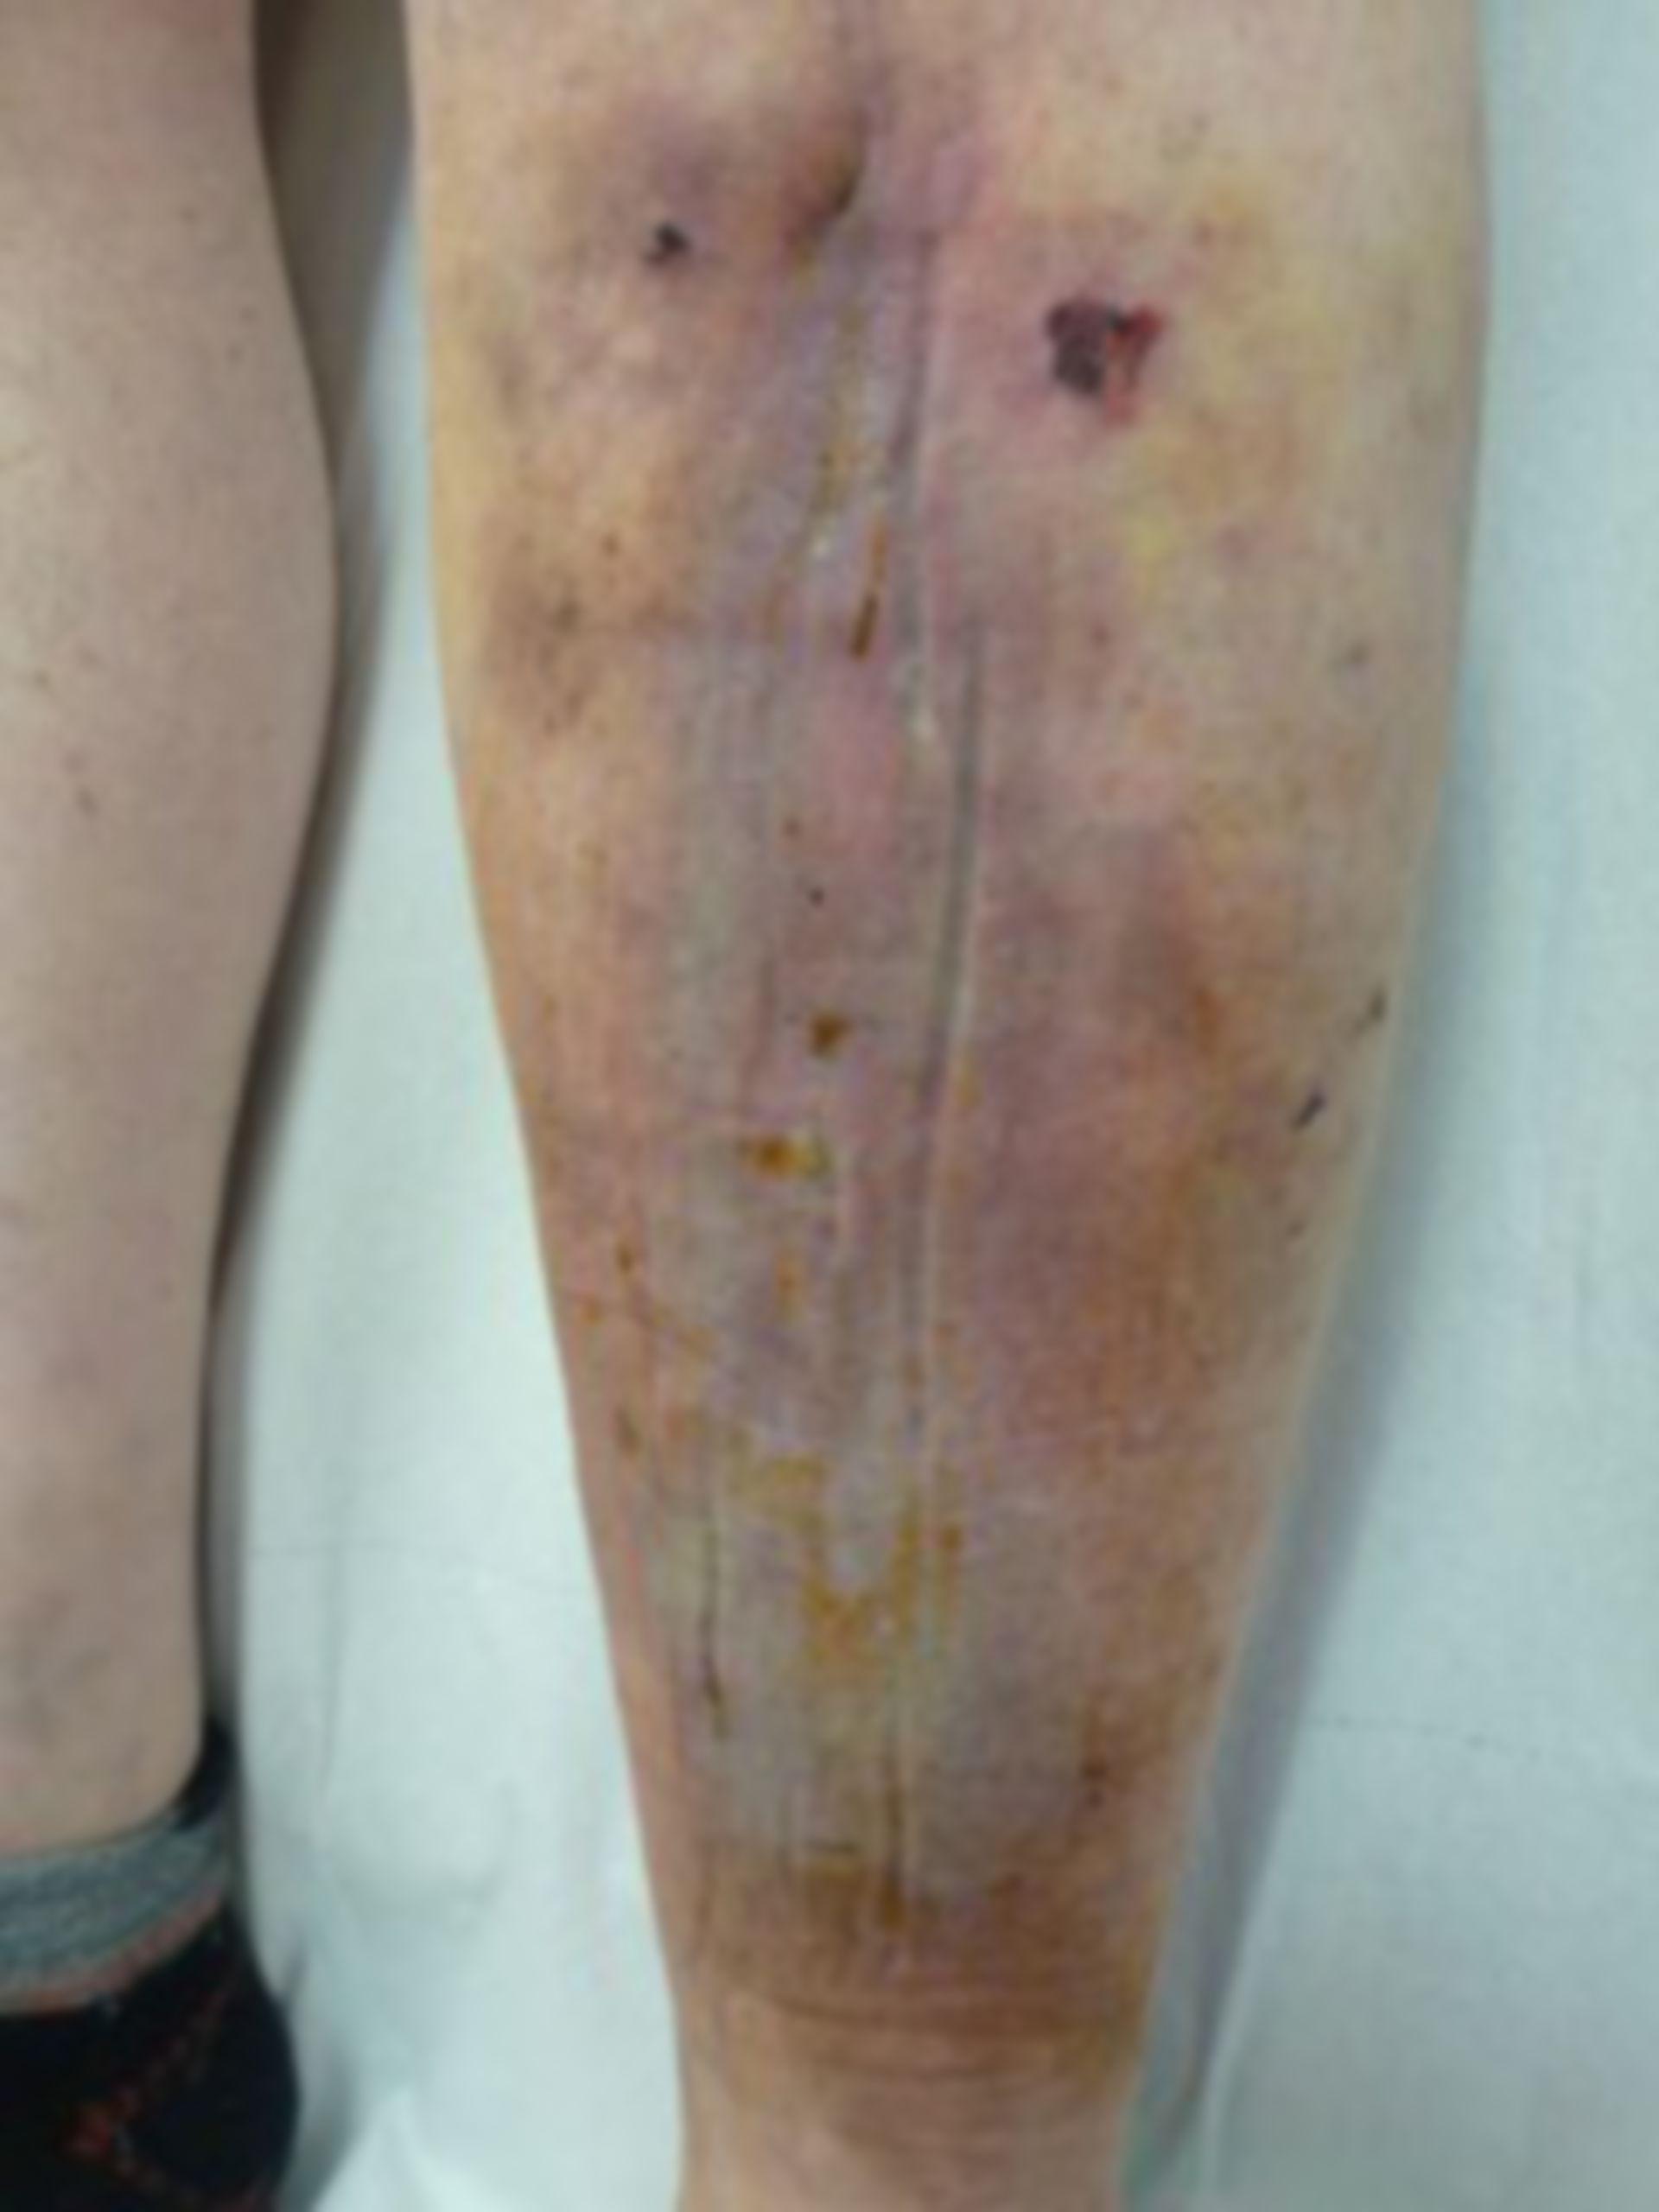 Úlcera de la pierna - abierta por 20 años: día 9 después de la operación (14)